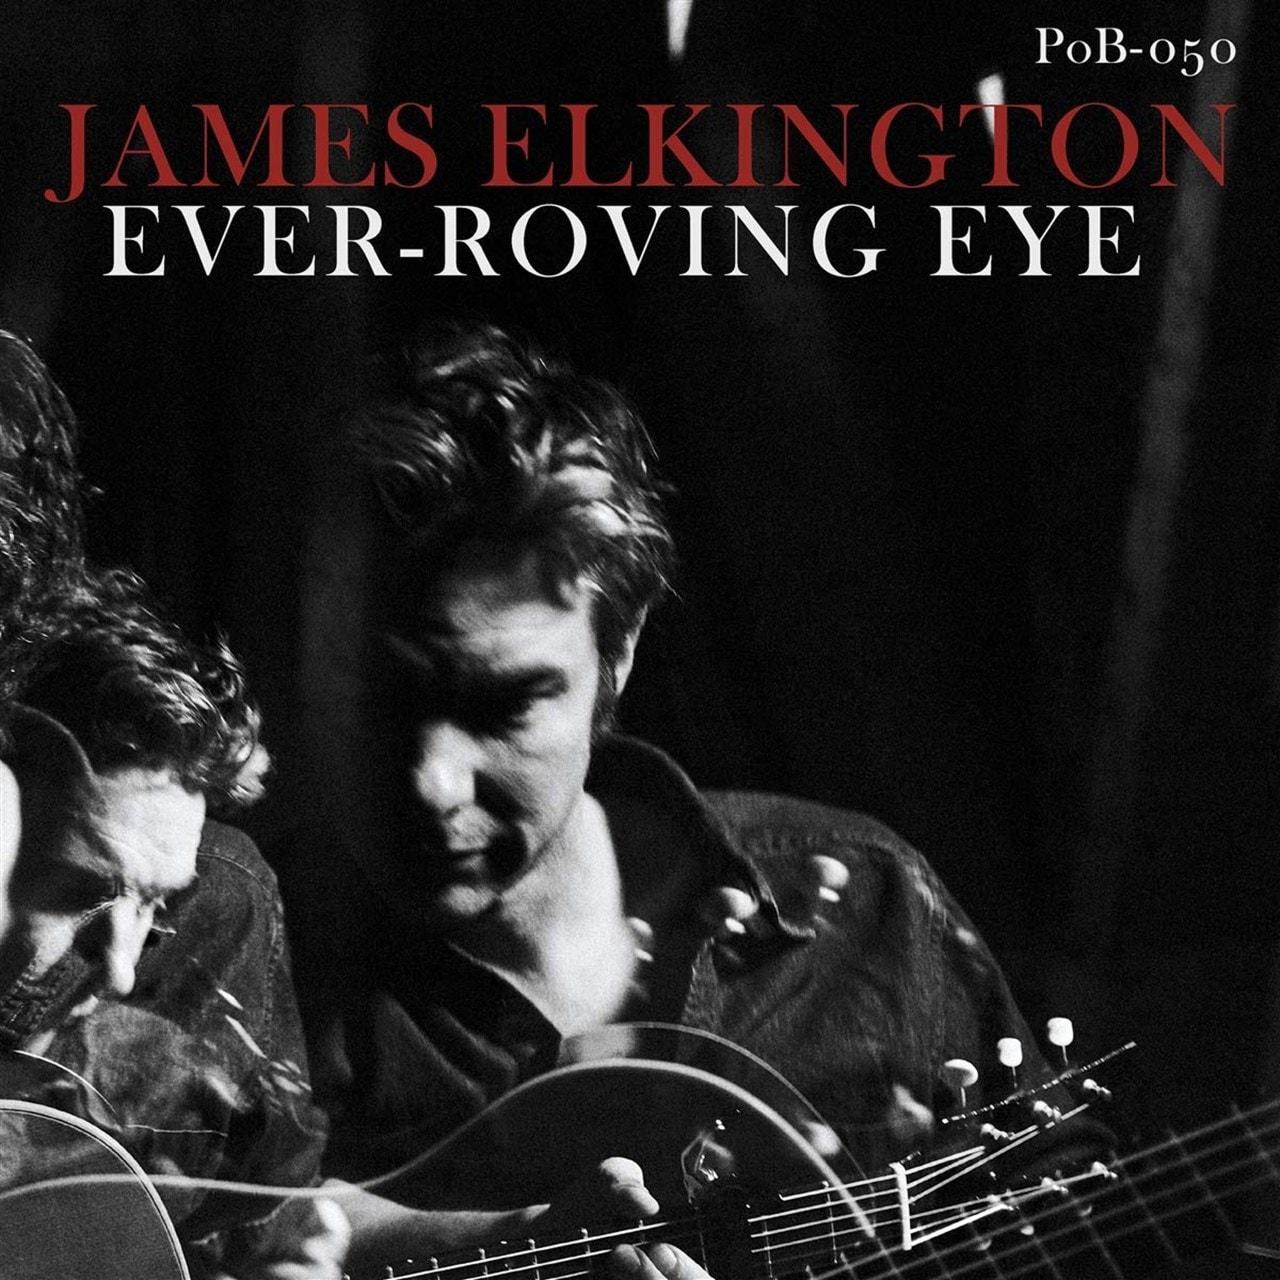 Ever-roving Eye - 1